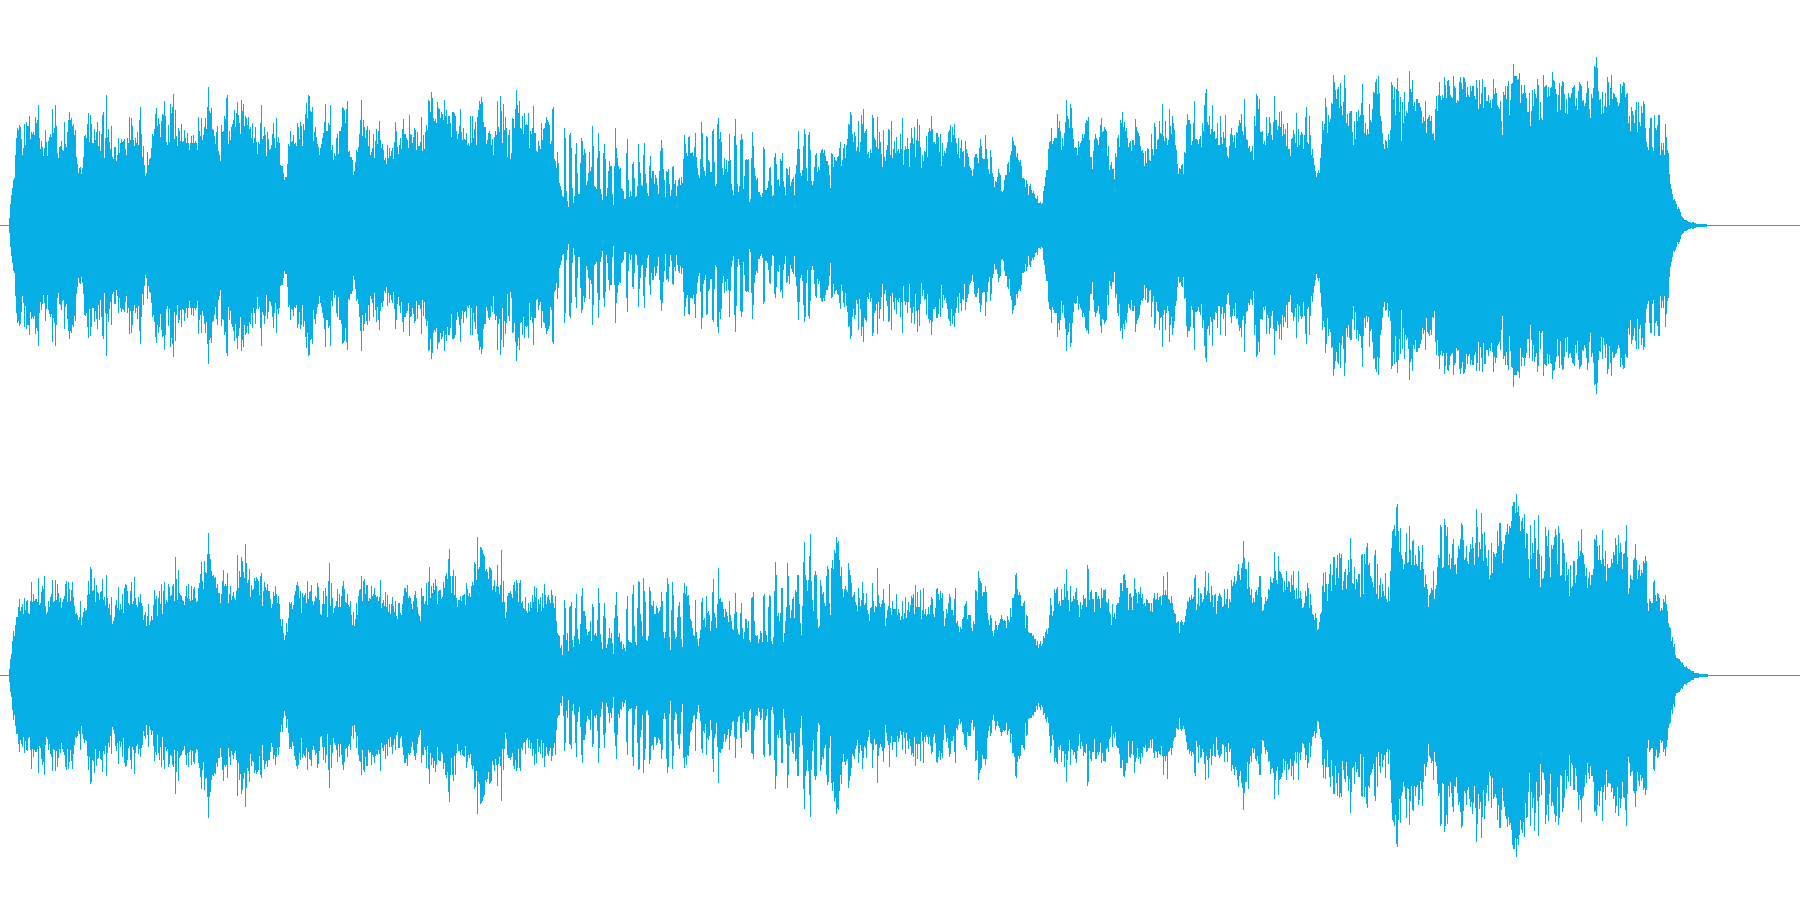 アルプスの夜明けの澄み切ったオーケストラの再生済みの波形